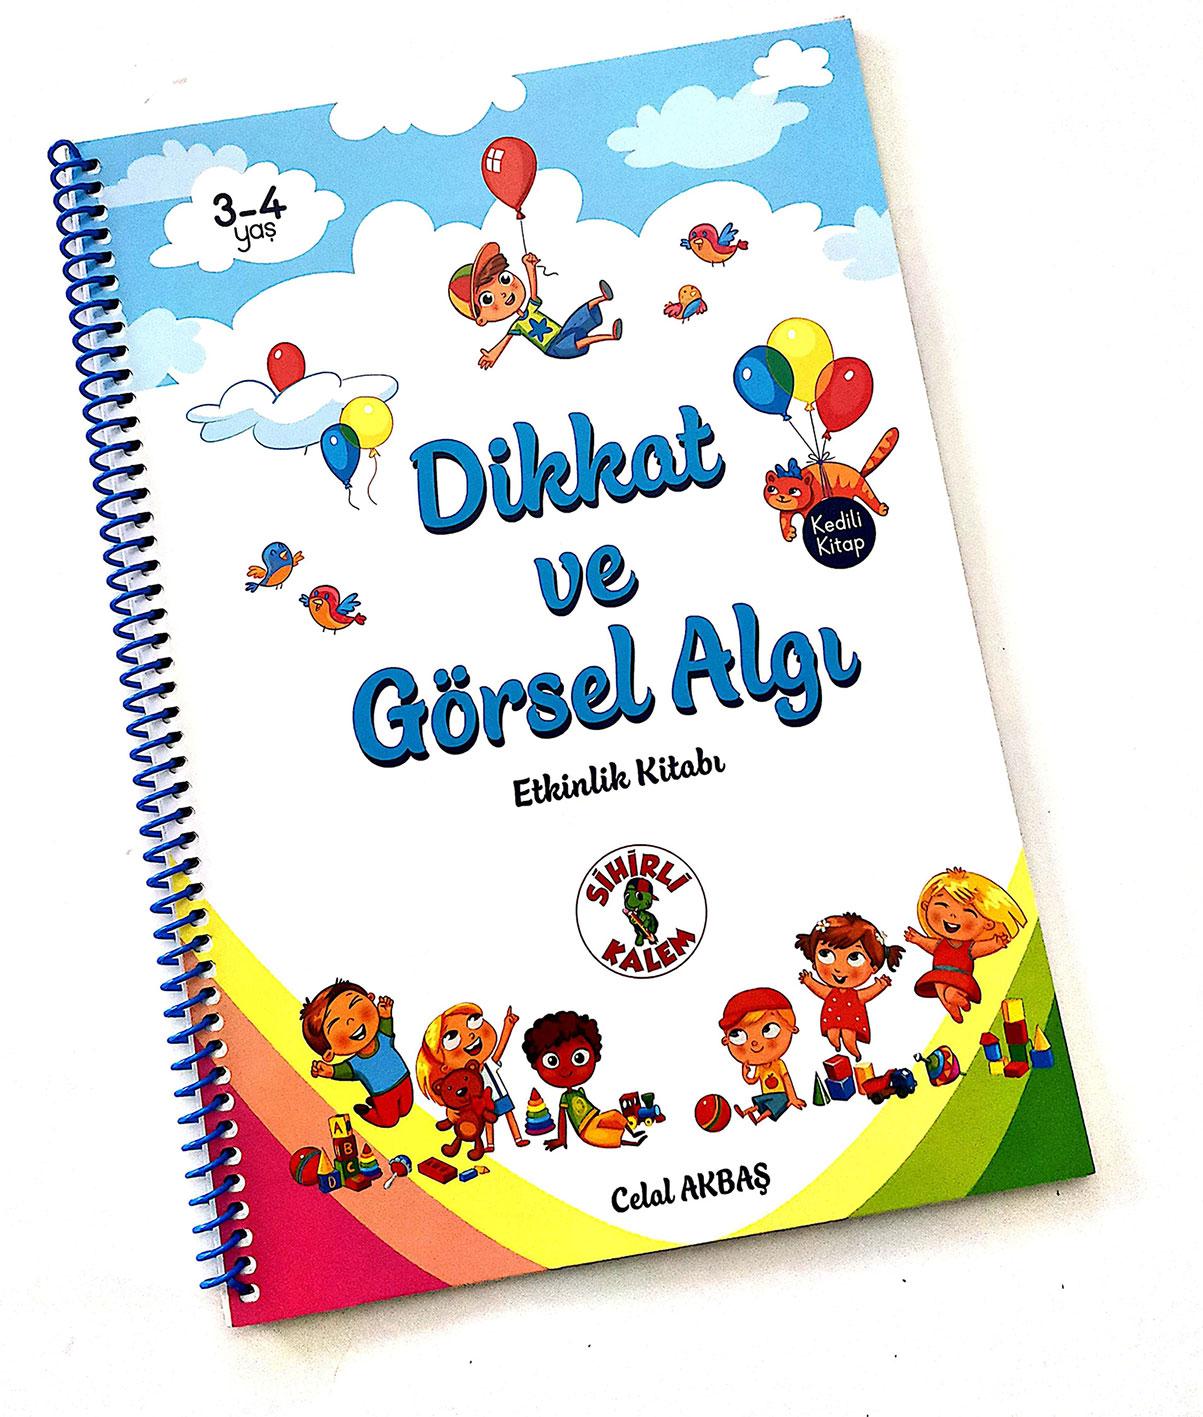 Dikkat ve Görsel Algı -Etkinlik Kitabı- 3-4 yaş